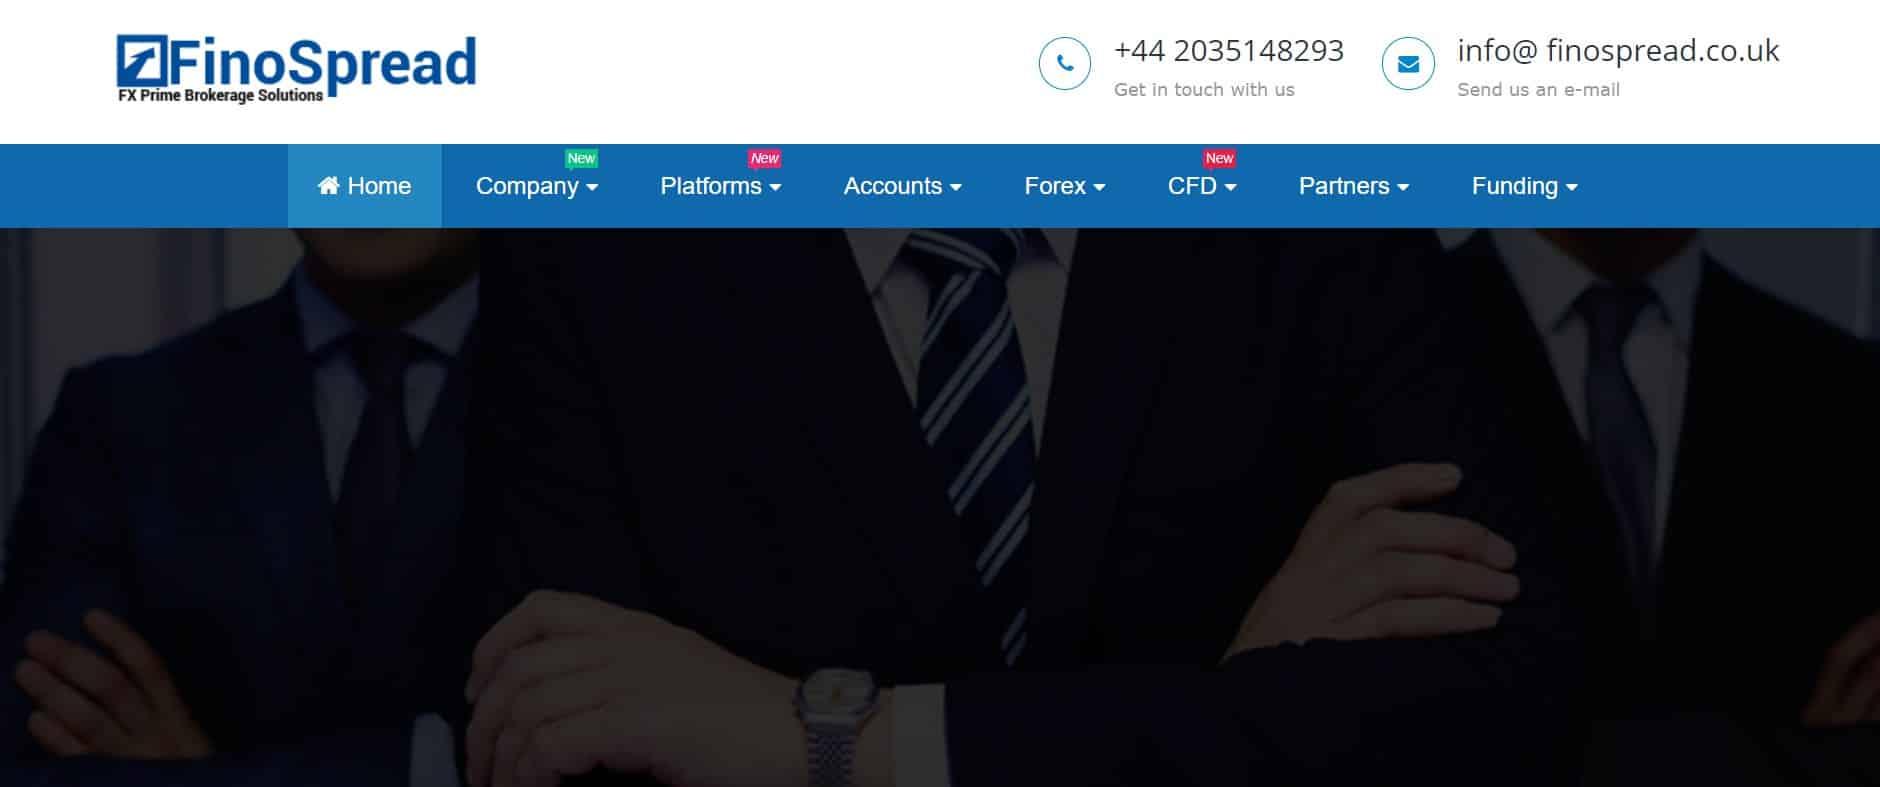 FinoSpread website